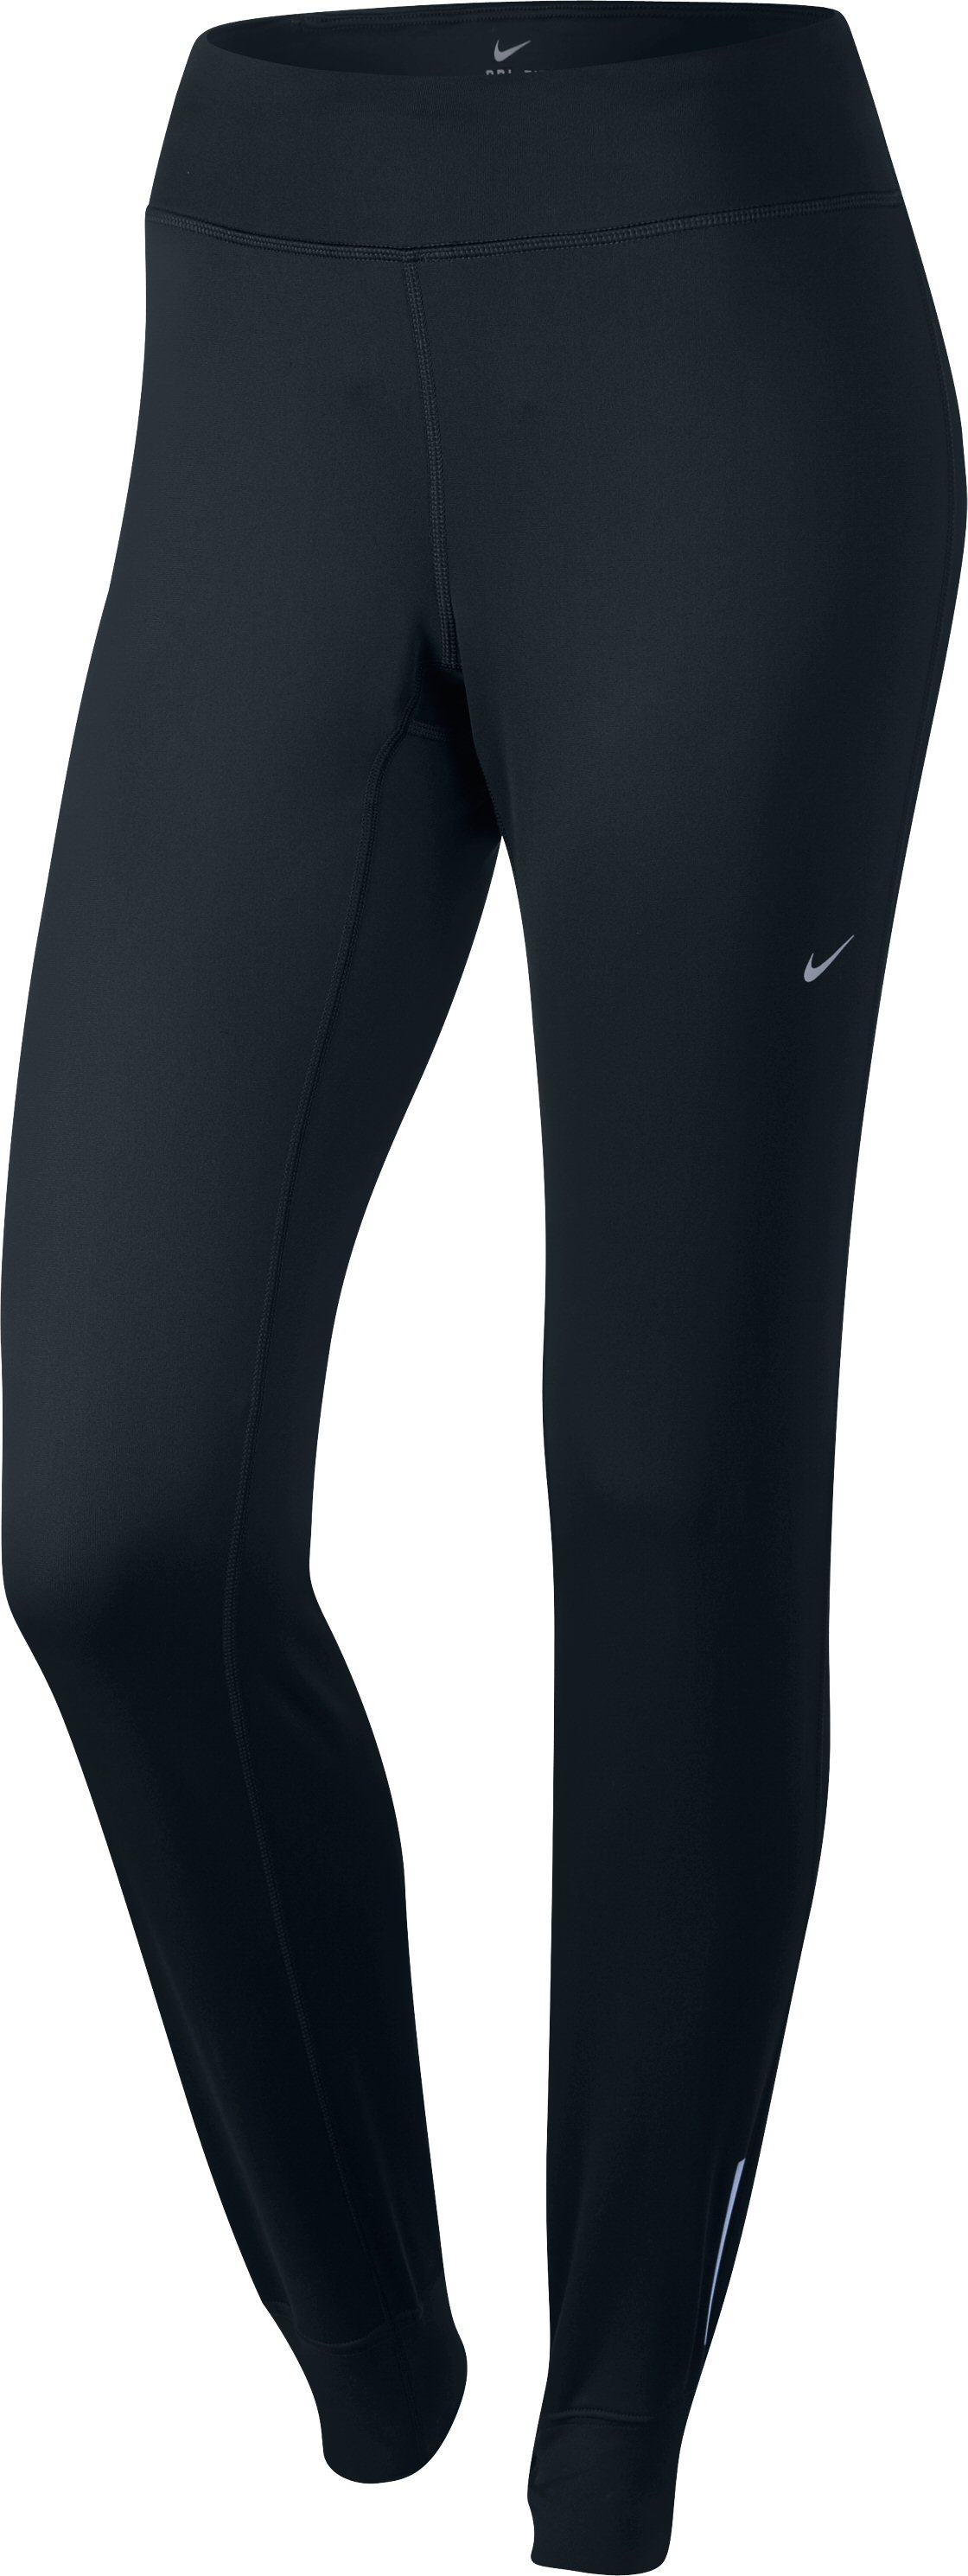 Nike Pant Thermal schwarz Damen